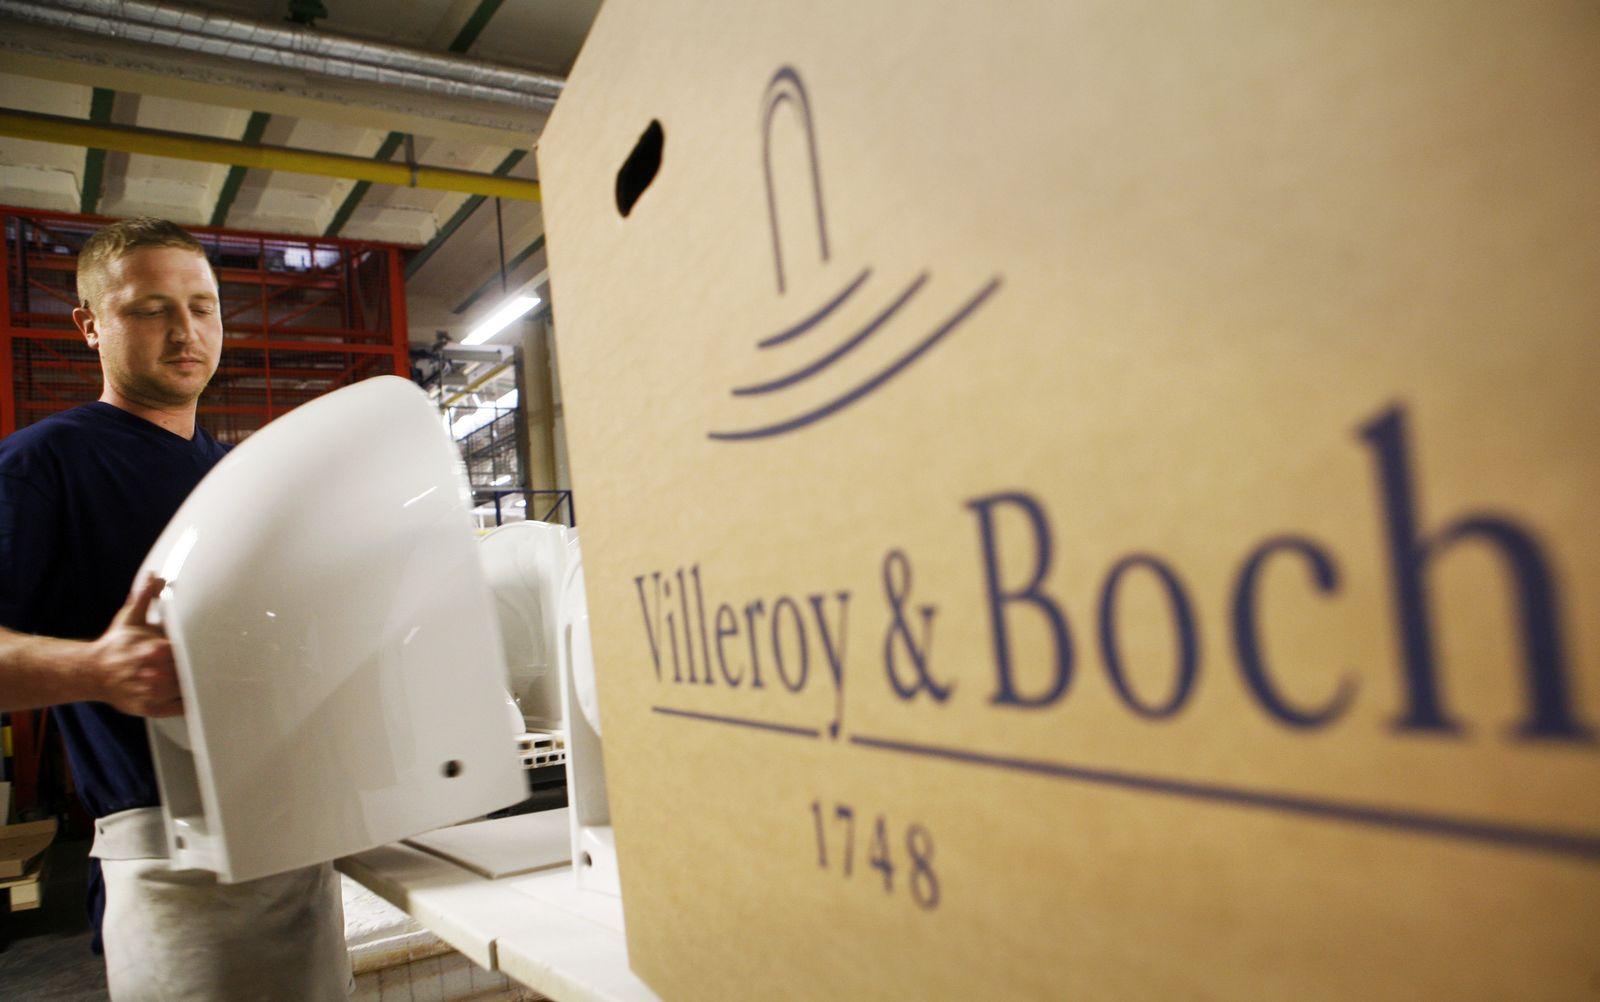 Villeroy & Boch / Villeroy und Boch